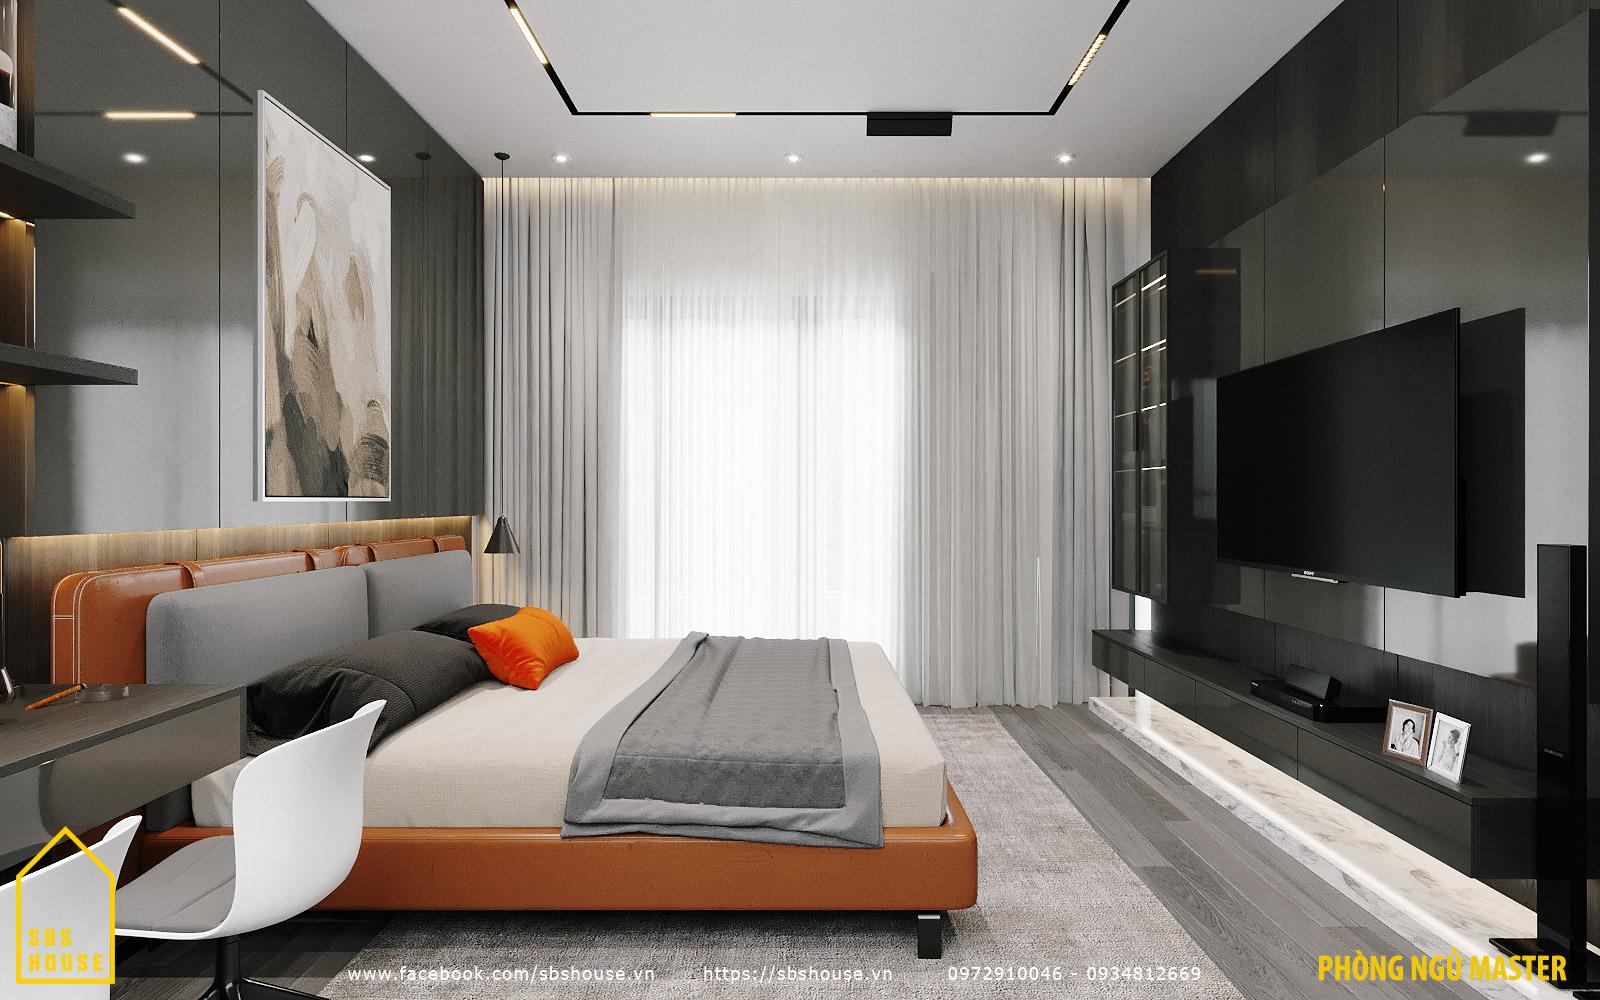 Mẫu phòng ngủ tràn ngập ánh sáng